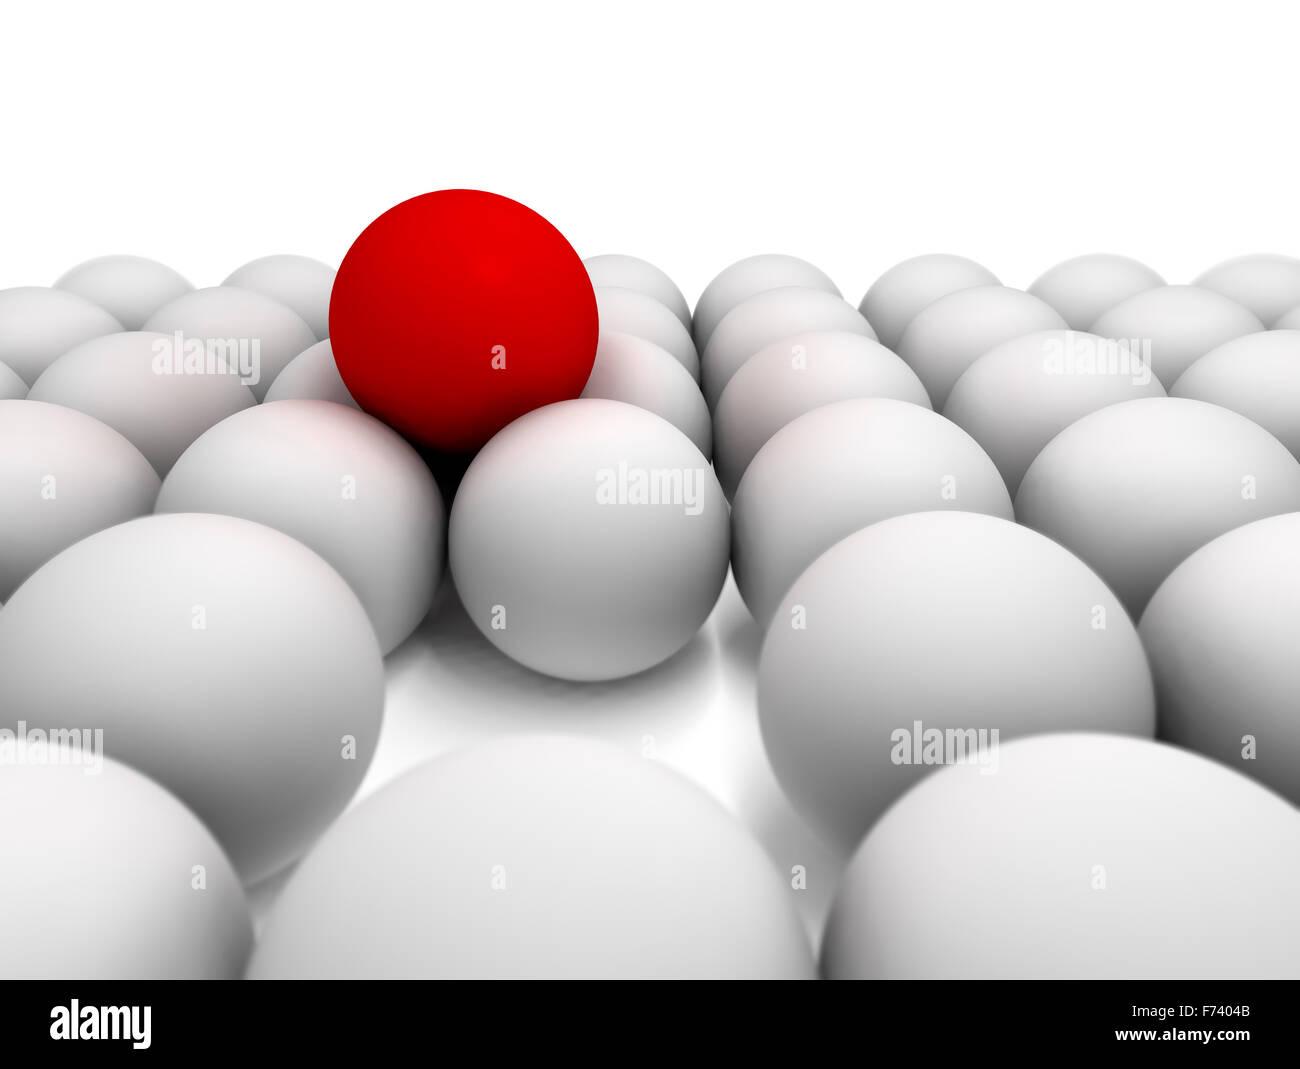 Immagine 3d del concetto di successo con sfere Immagini Stock